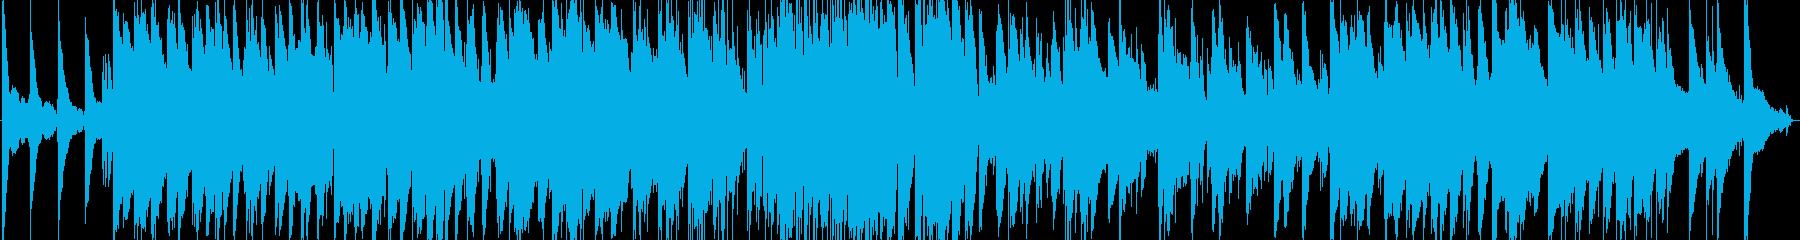 ゆったりとしたバラード風ピアノトリオの再生済みの波形